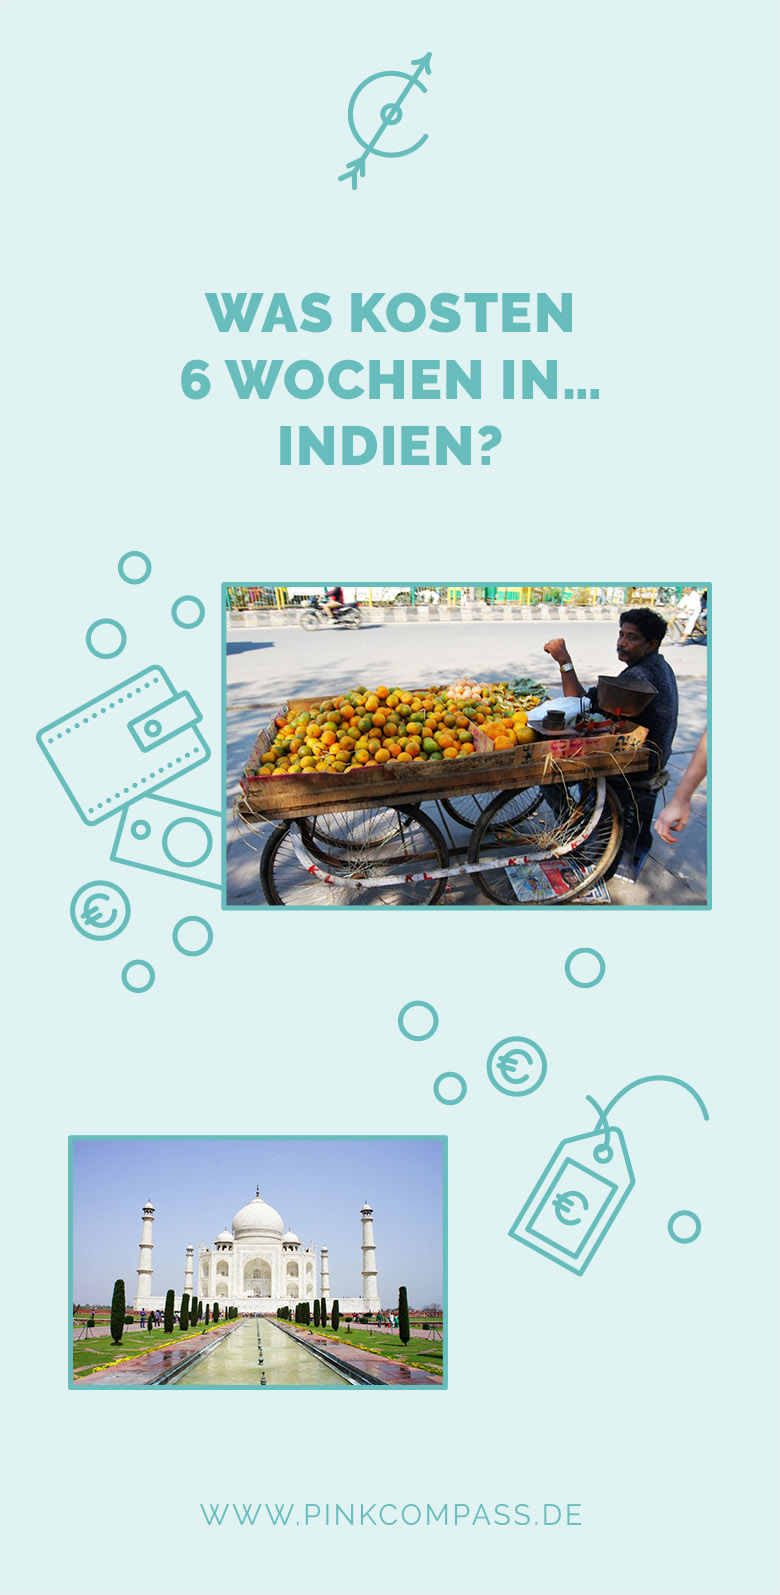 Welche Kosten erwarten Dich in Indien?